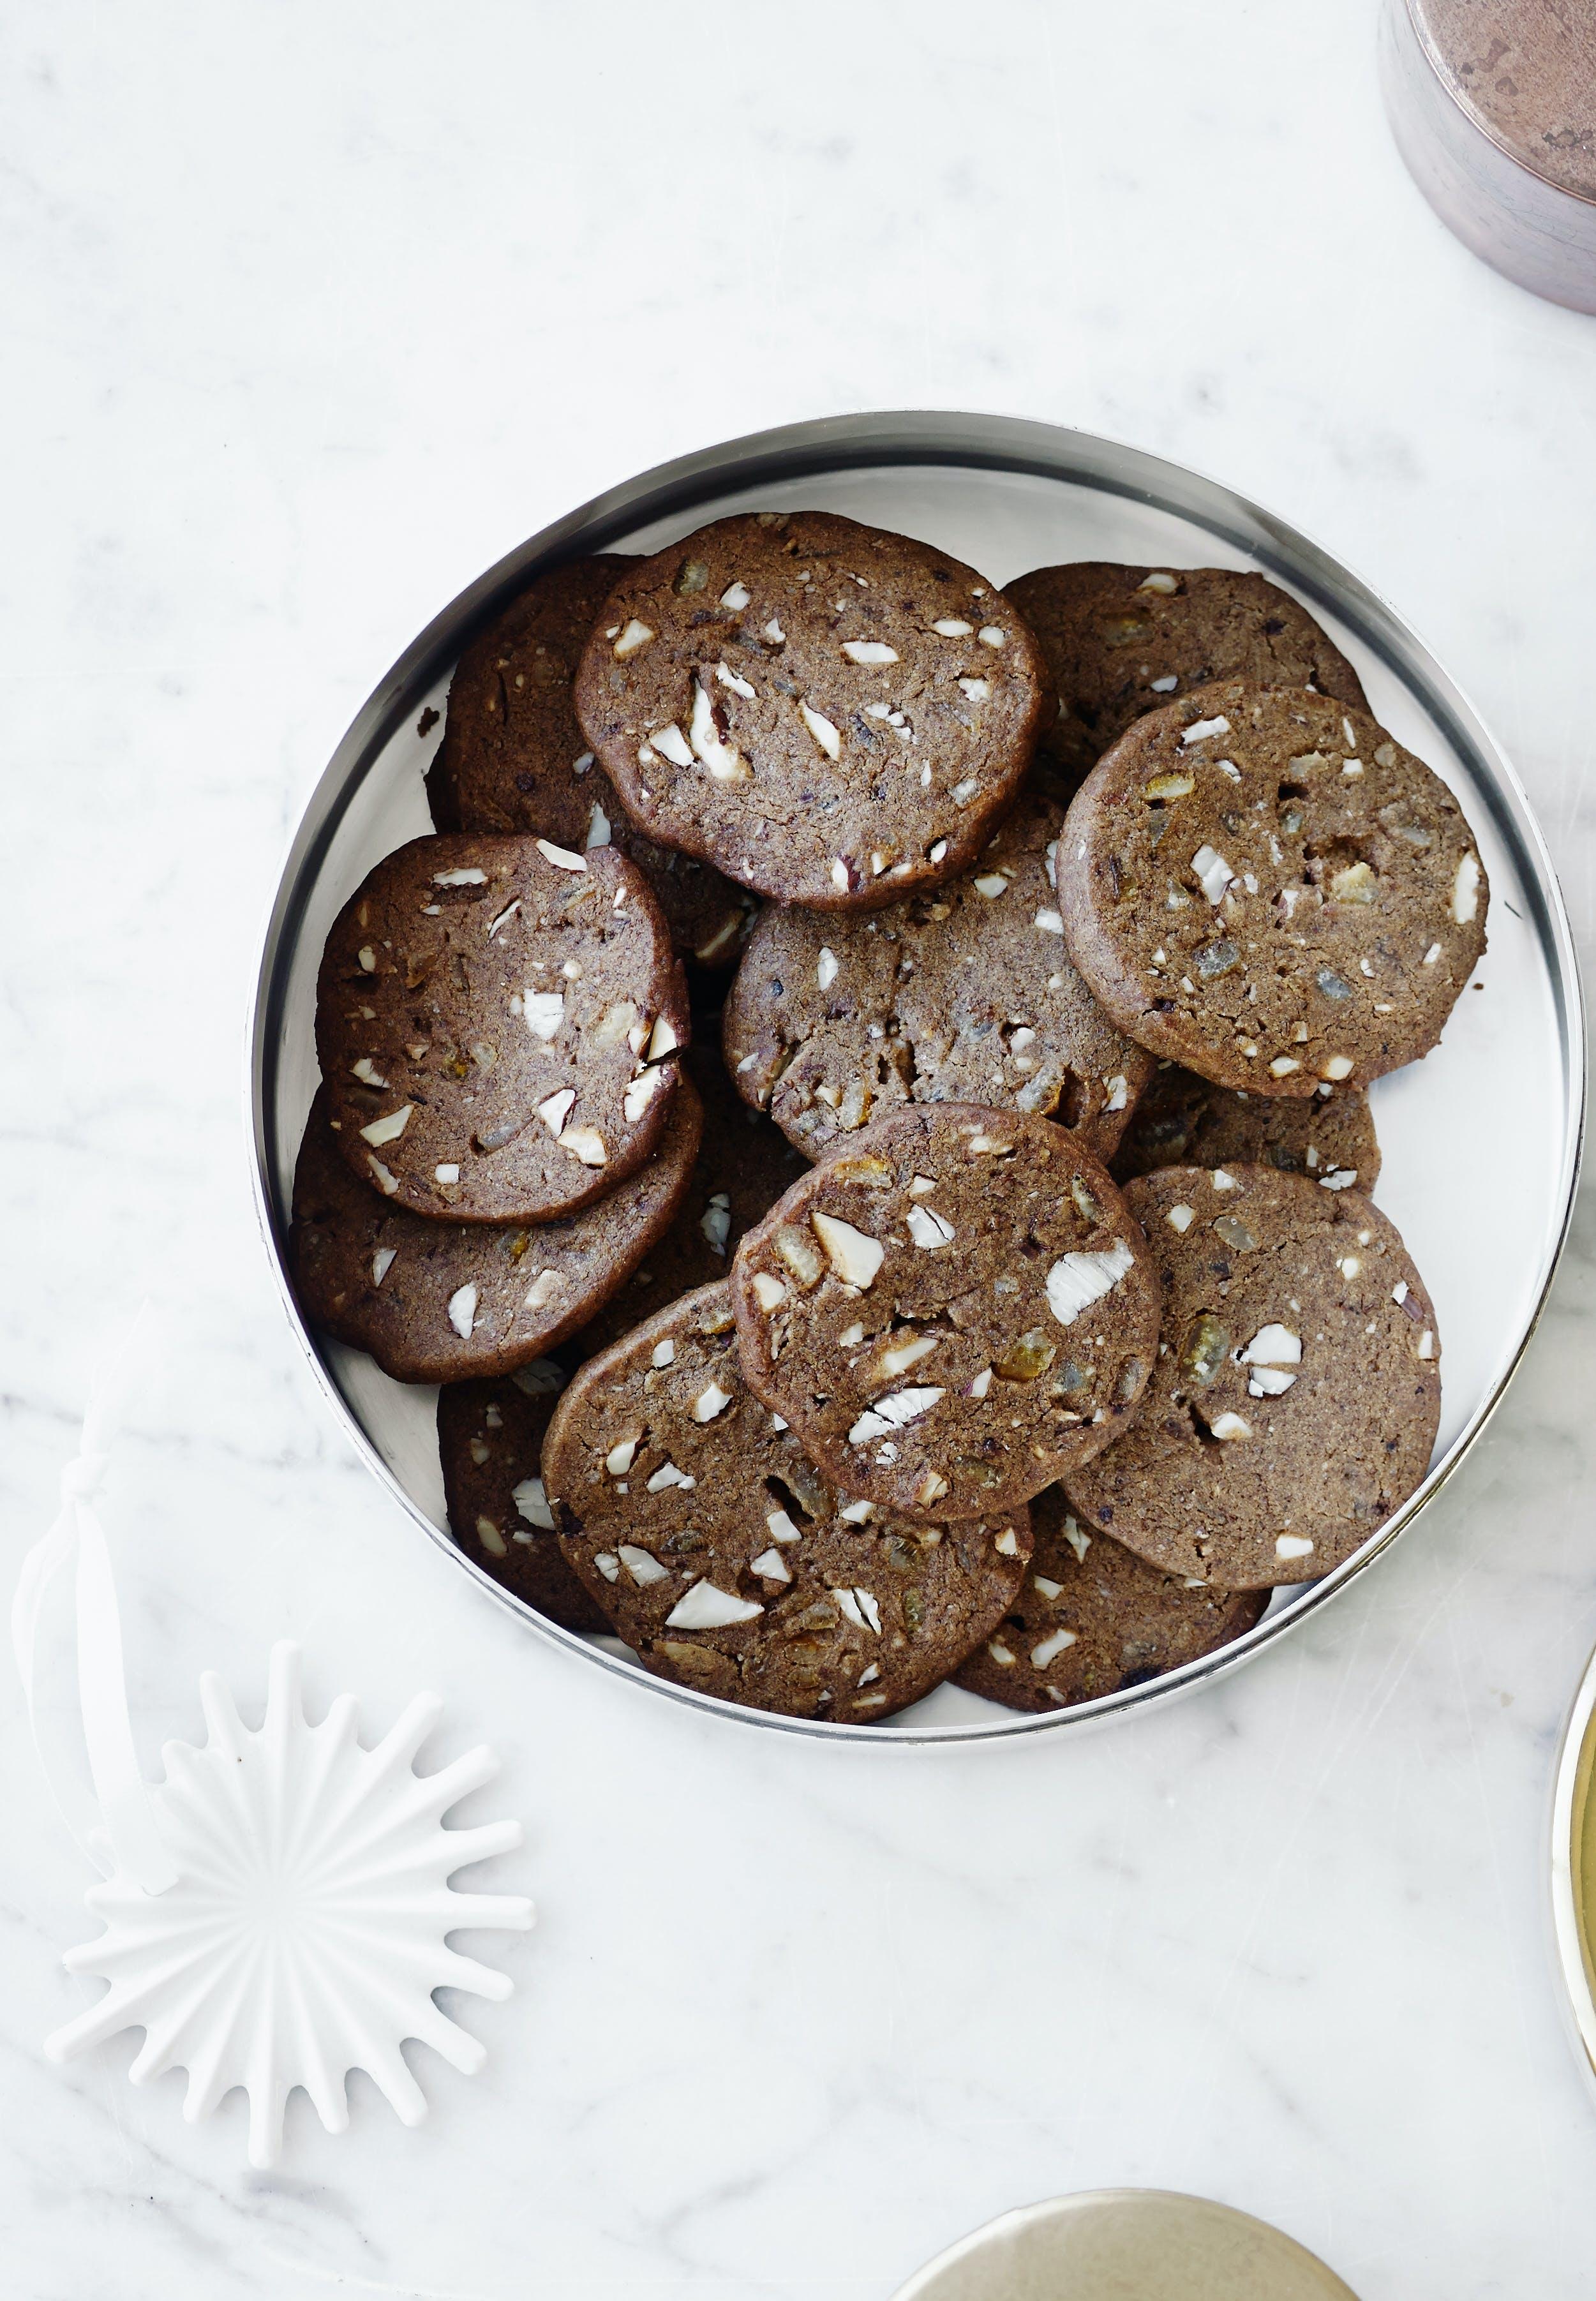 brunkager brunkage jul julebag småkager opskrift